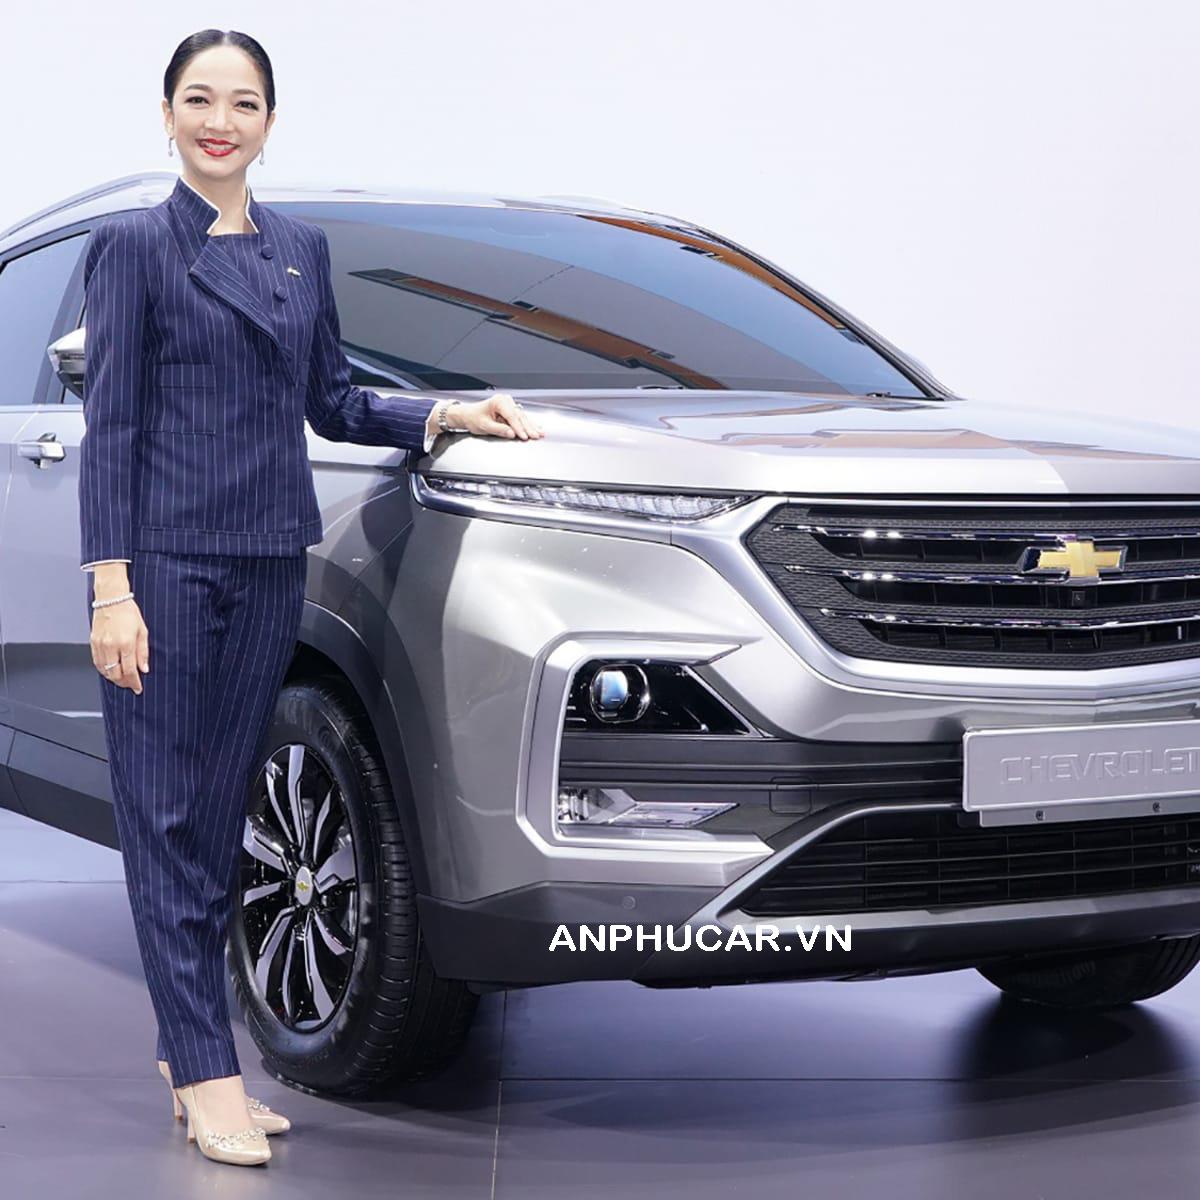 Ra mắt xe Chevrolet Captiva 2020